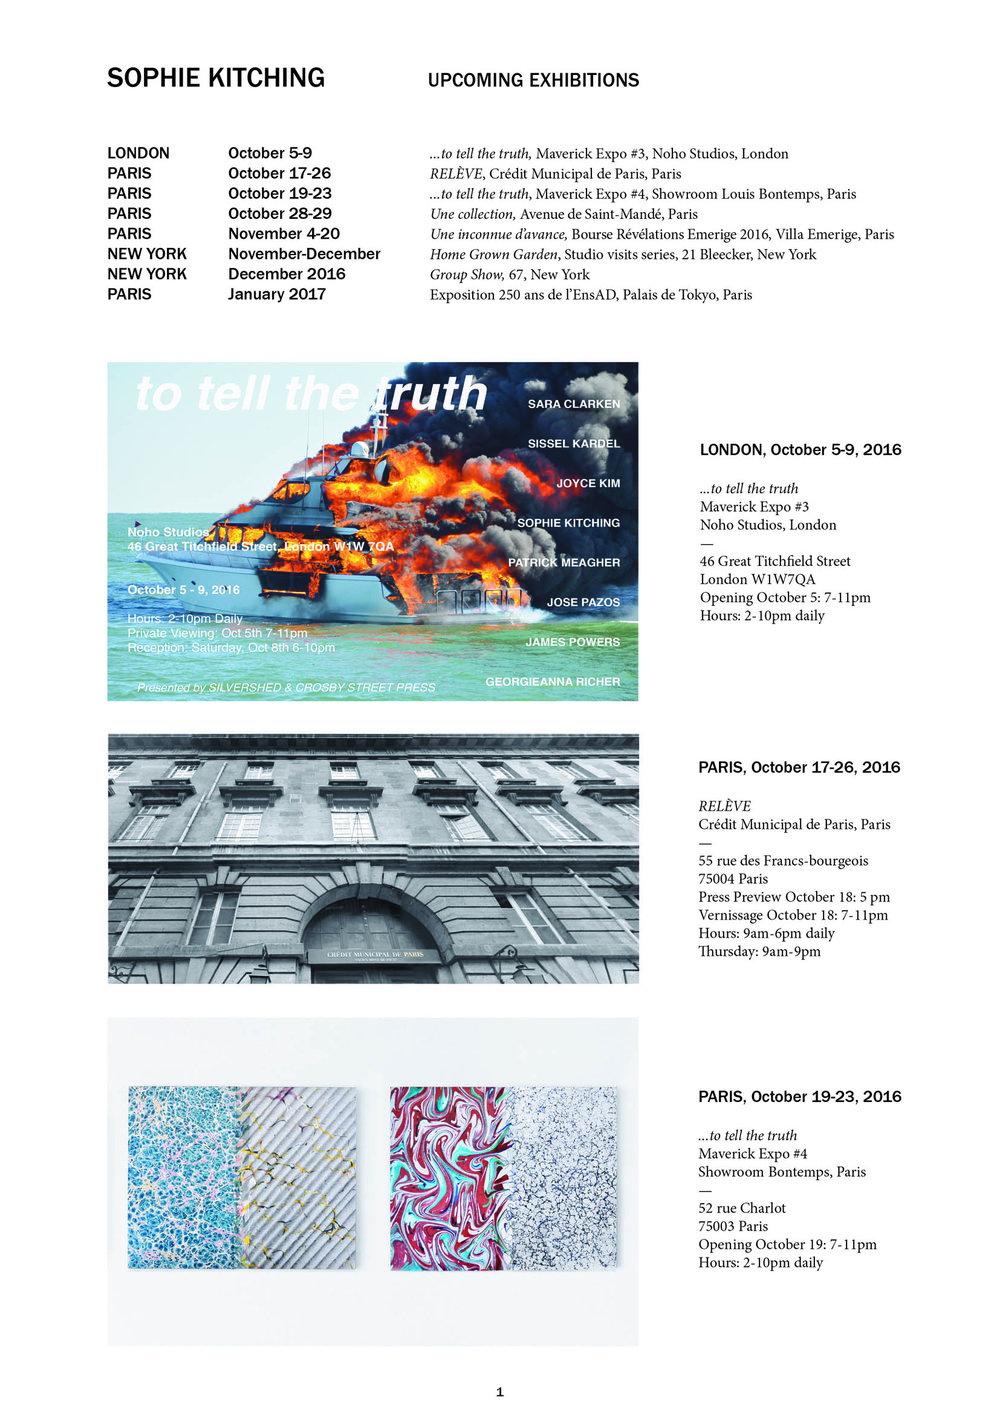 newsletter01_sophiekitching_p1.JPG